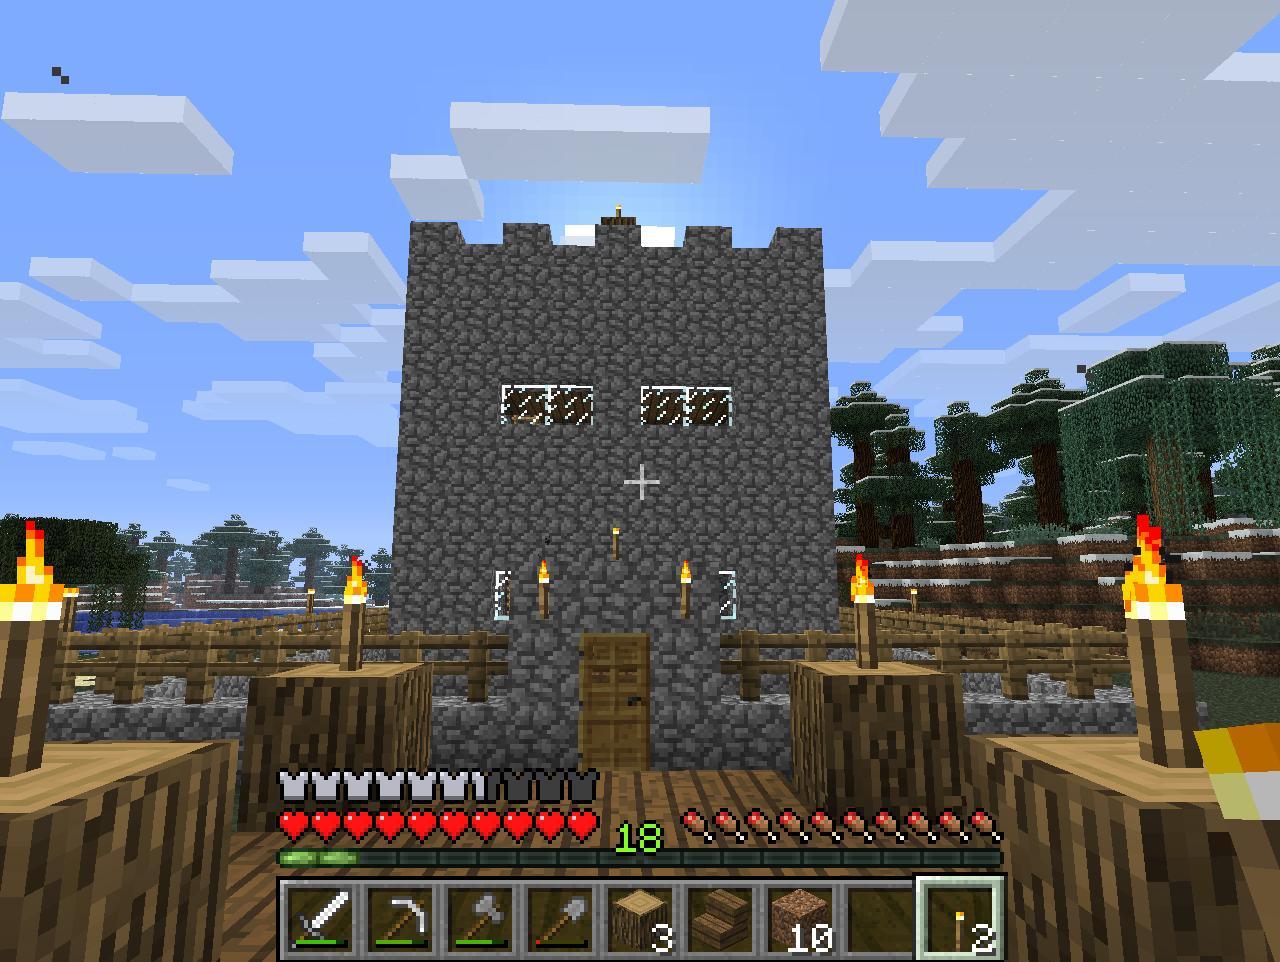 minecraft_screenshot_fortified_house1_by_falcon01-d5jxknr.jpg